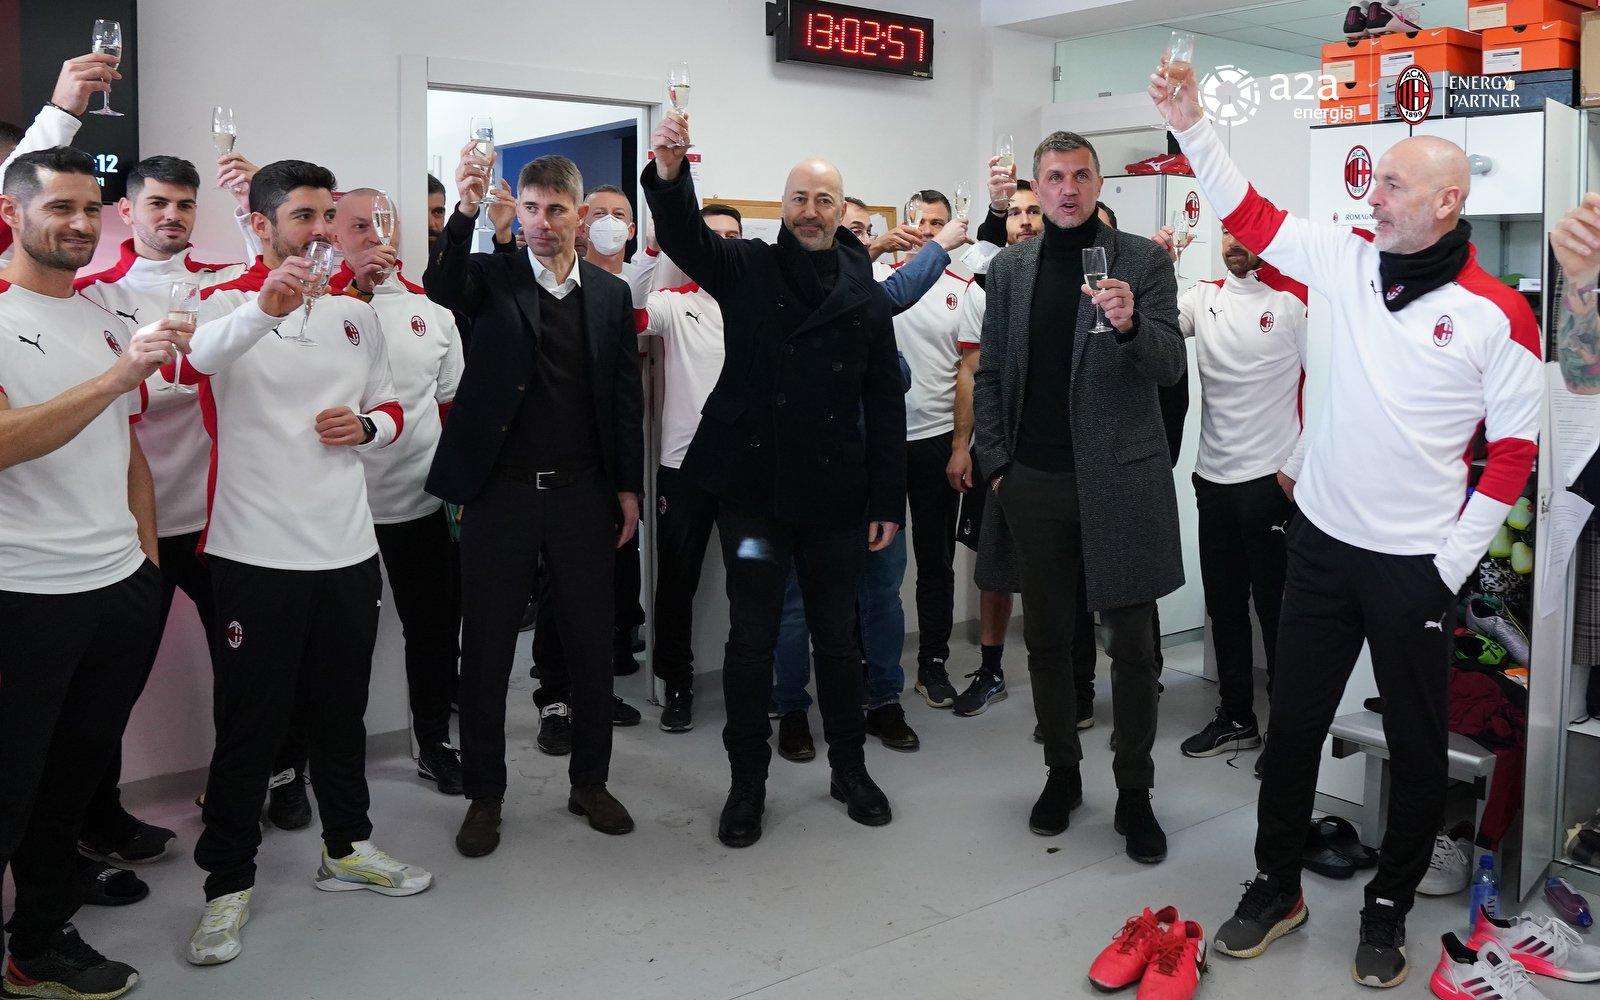 团队建设五大联赛第一名!AC米兰管理层开香槟酒迎接新年钟声